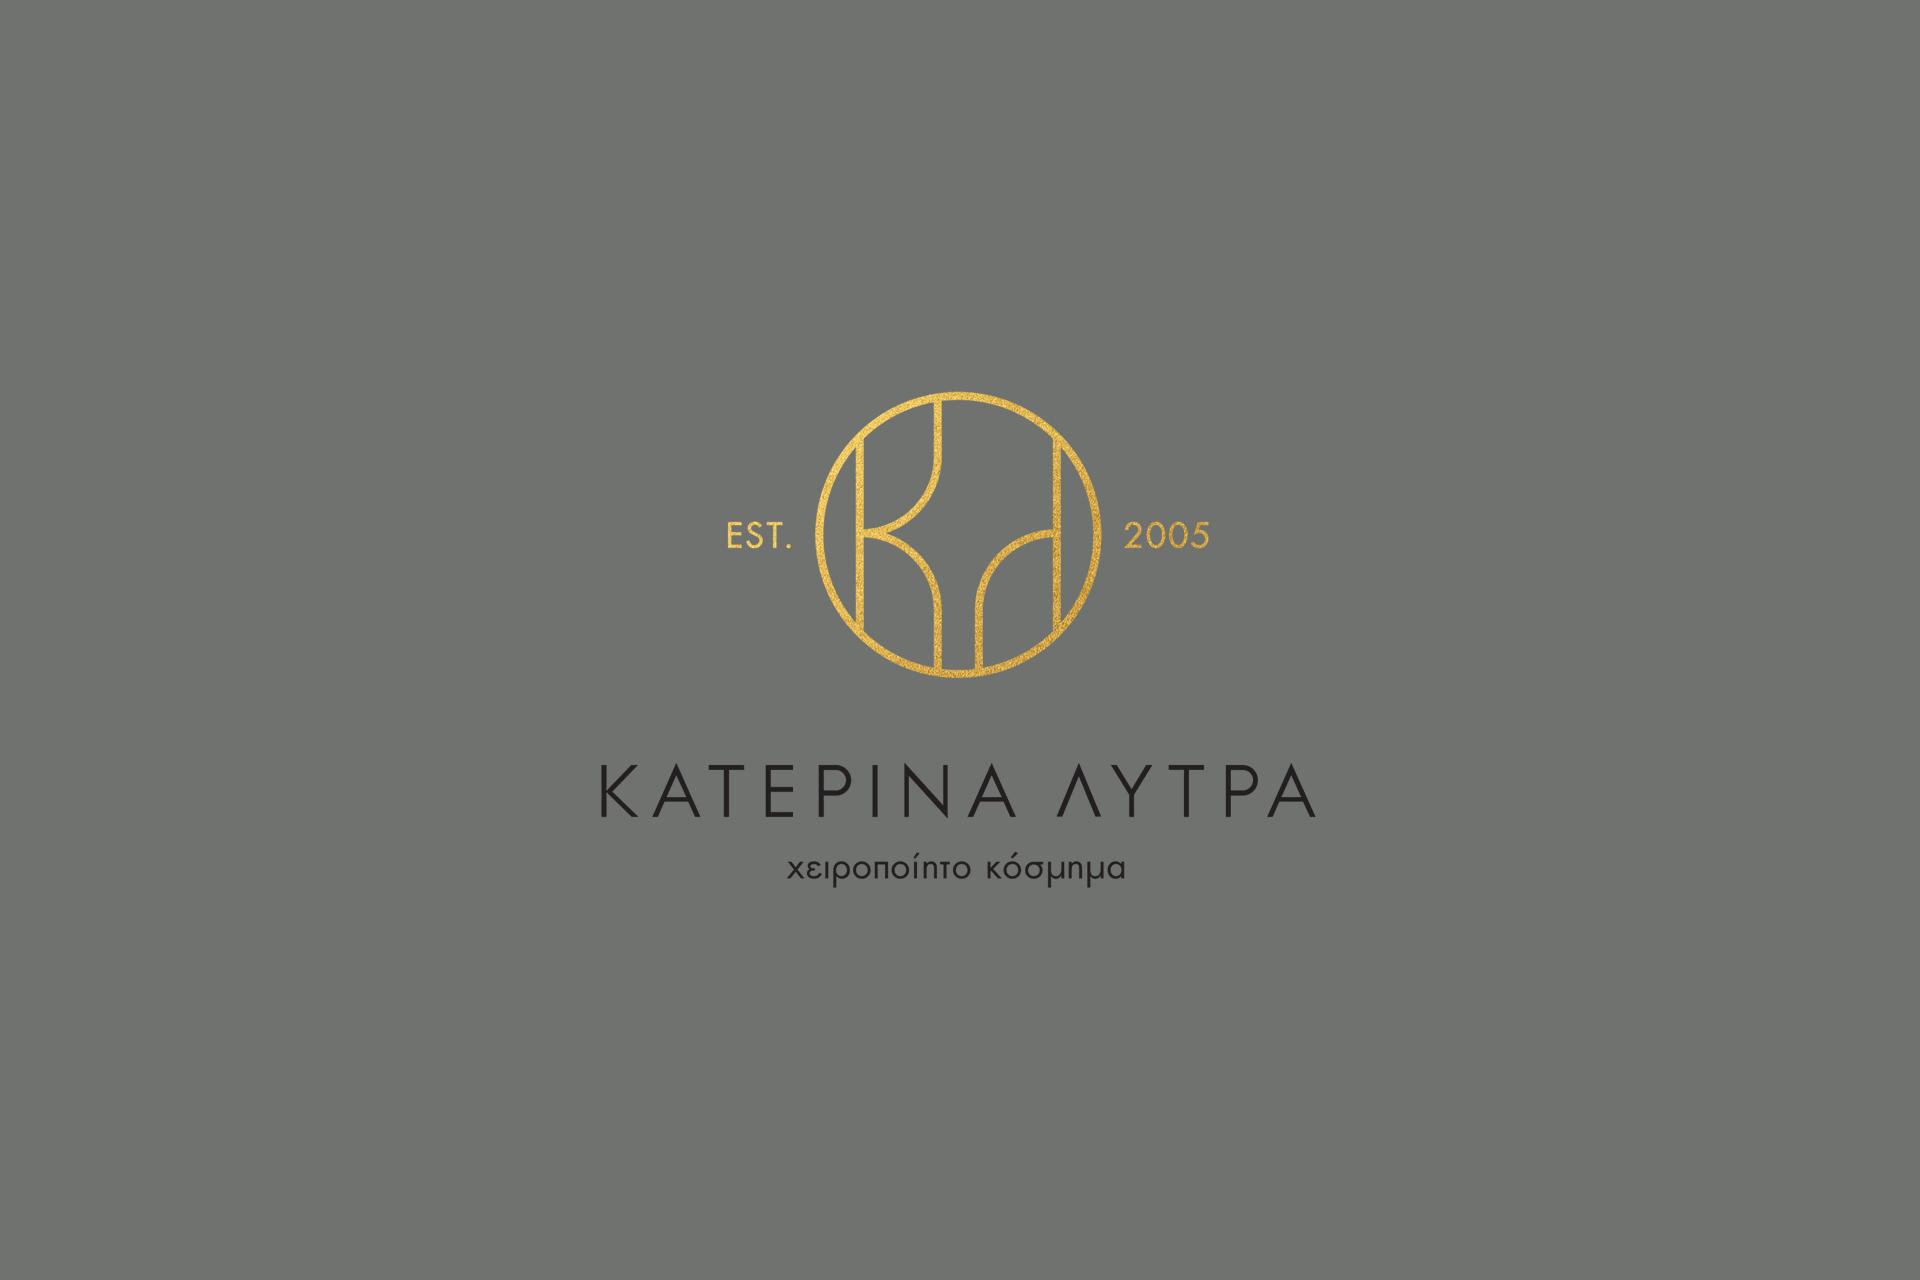 Logo-monogram, Branding and Packaging Design for Greek Handmade Jewellery Brand